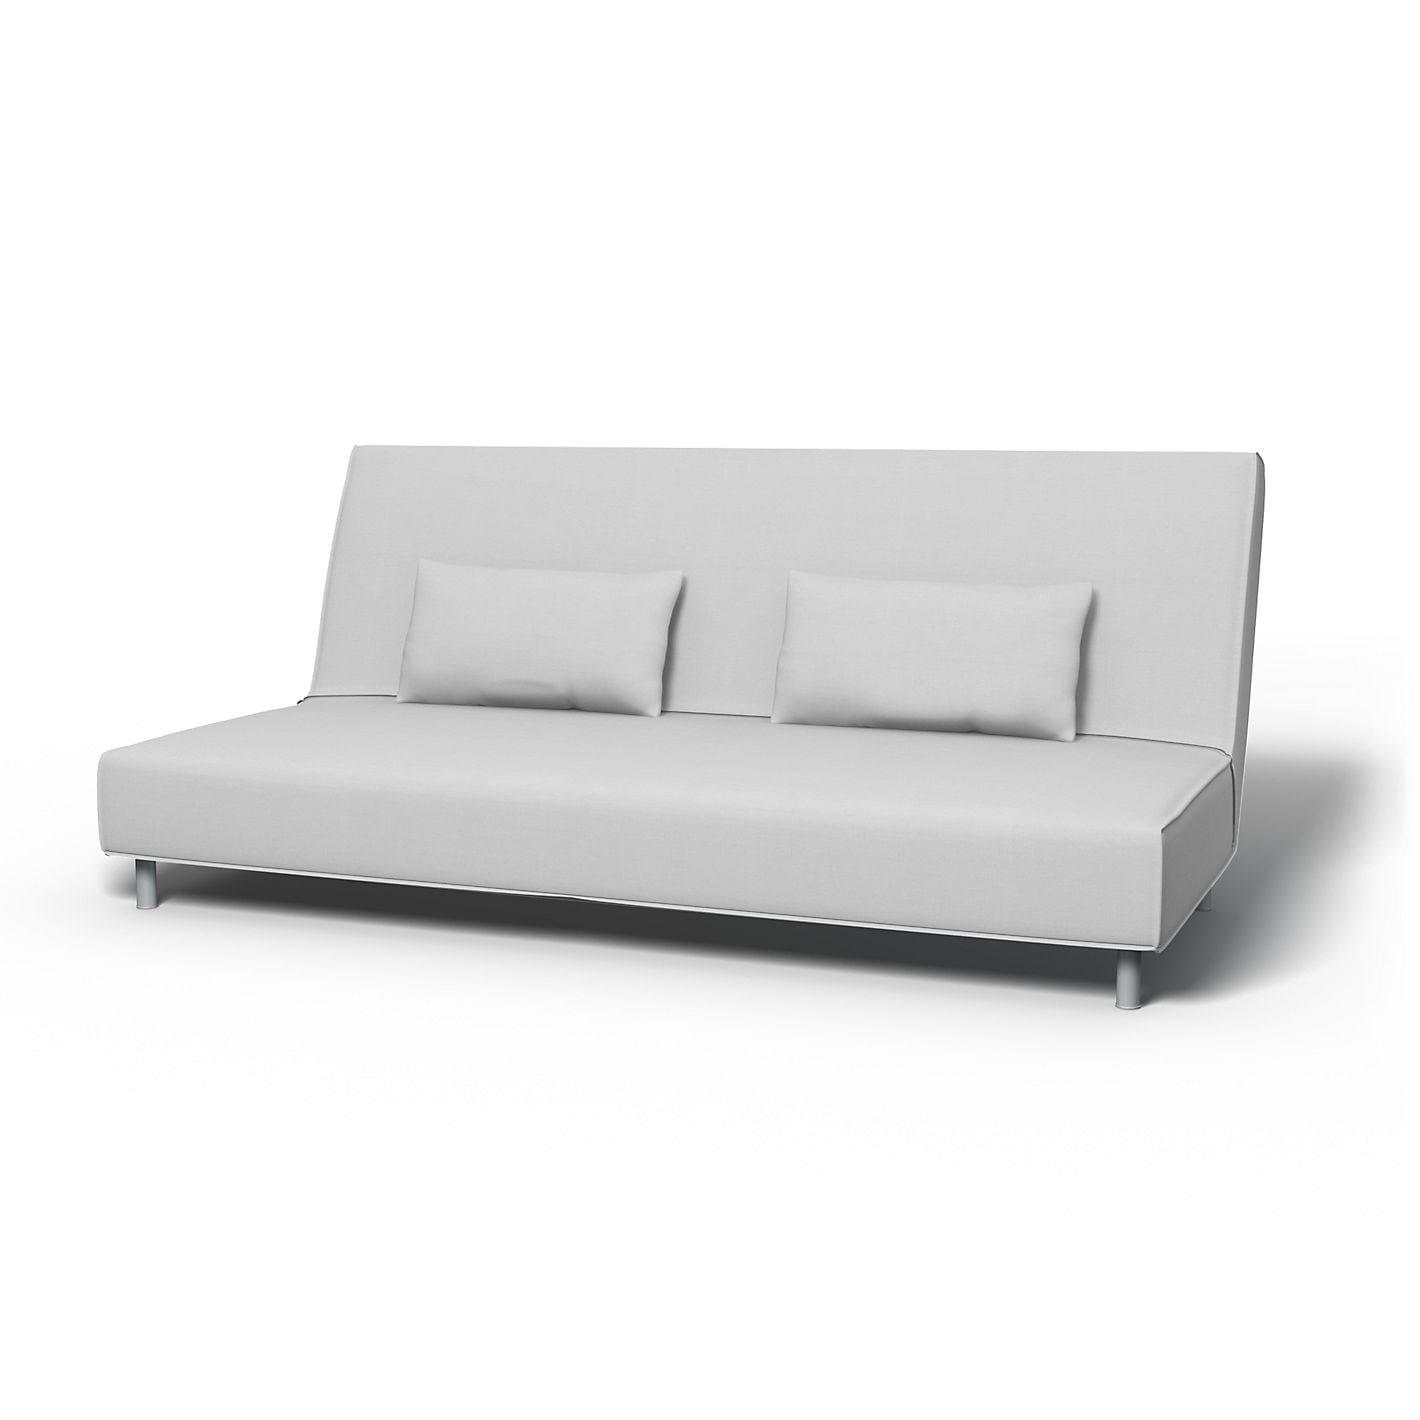 Full Size of Sofabezge Fr Ikea Beddinge Bettsofas Große Kissen Sofa 2 5 Sitzer 3er Weiches Modernes Indomo Brühl Esstisch Kaufen Breaking Bad Küche Günstig Mit Wohnzimmer Sofa Kaufen Ikea